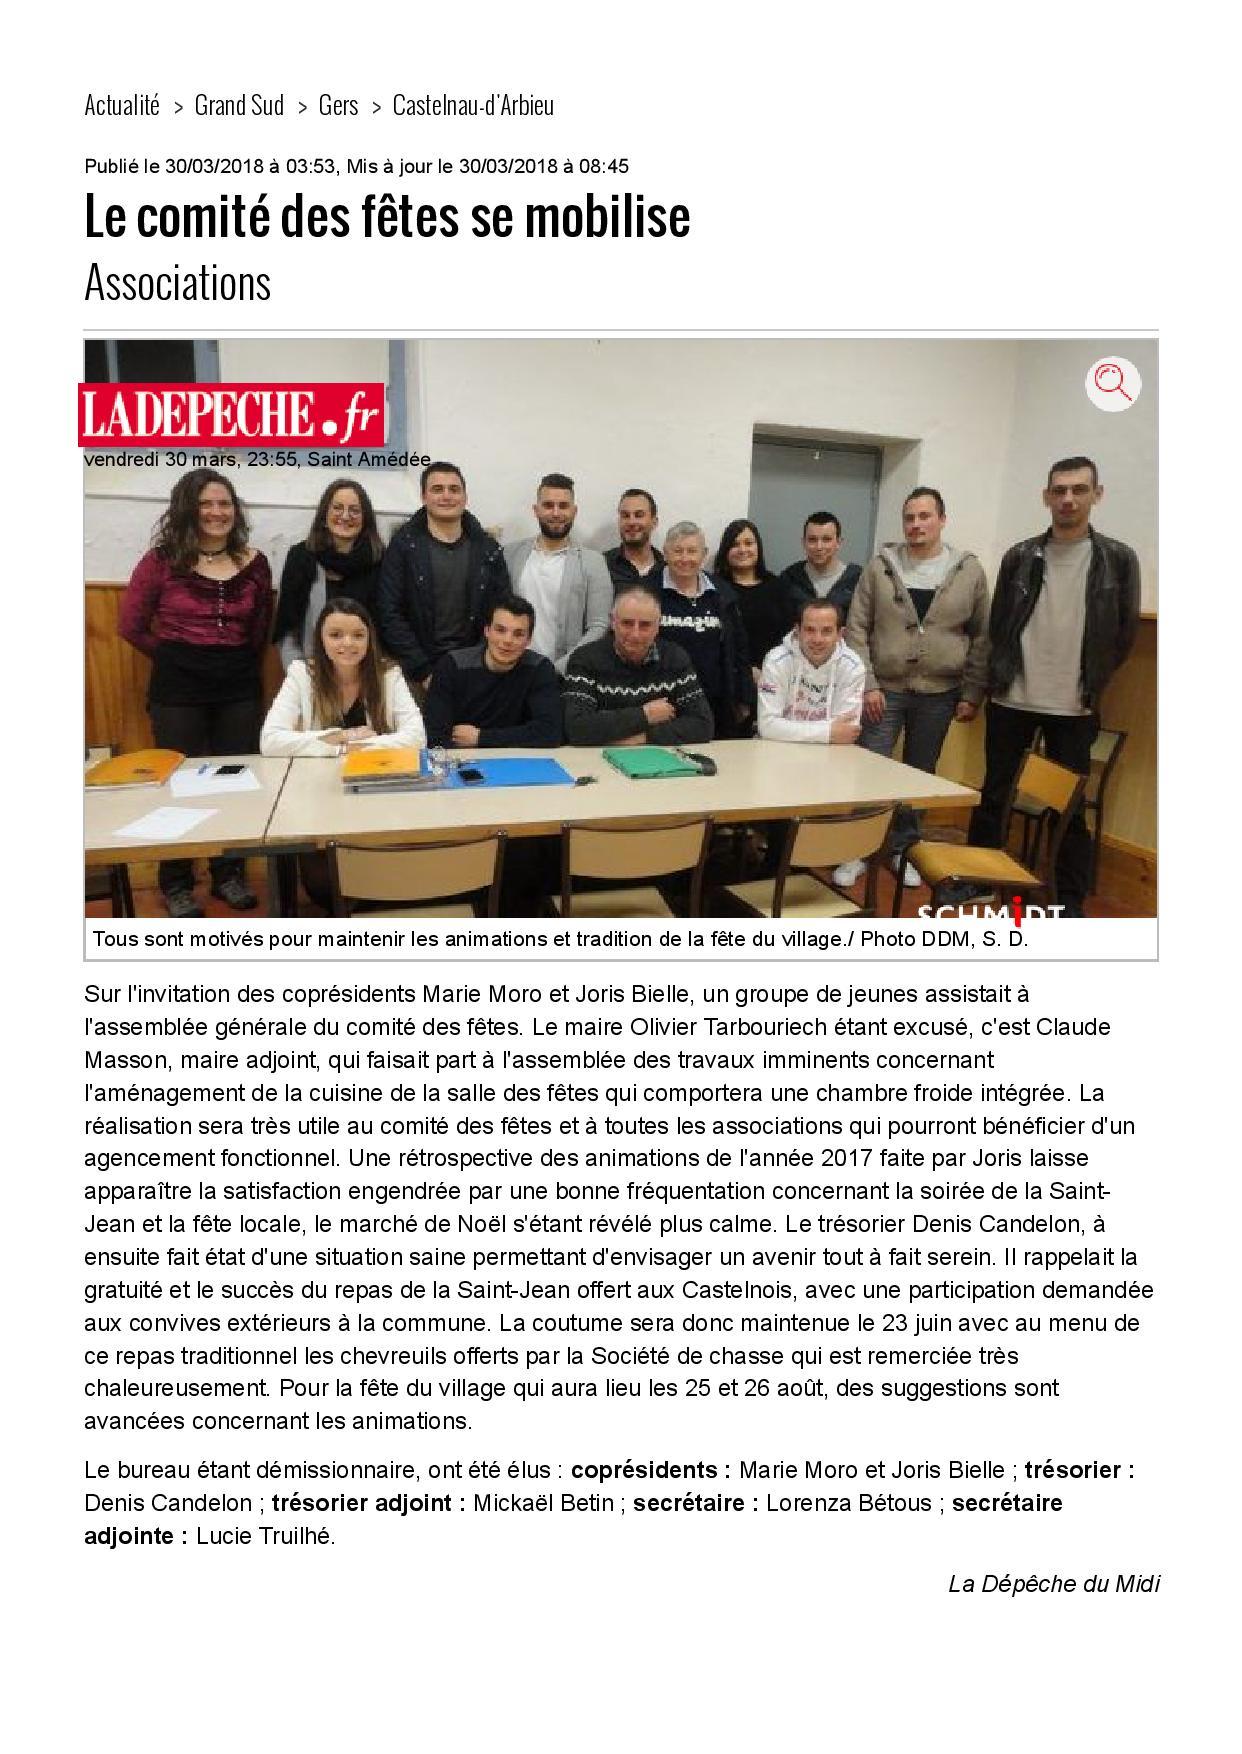 Le comite des fetes se mobilise 30 03 2018 ladepeche fr page 001